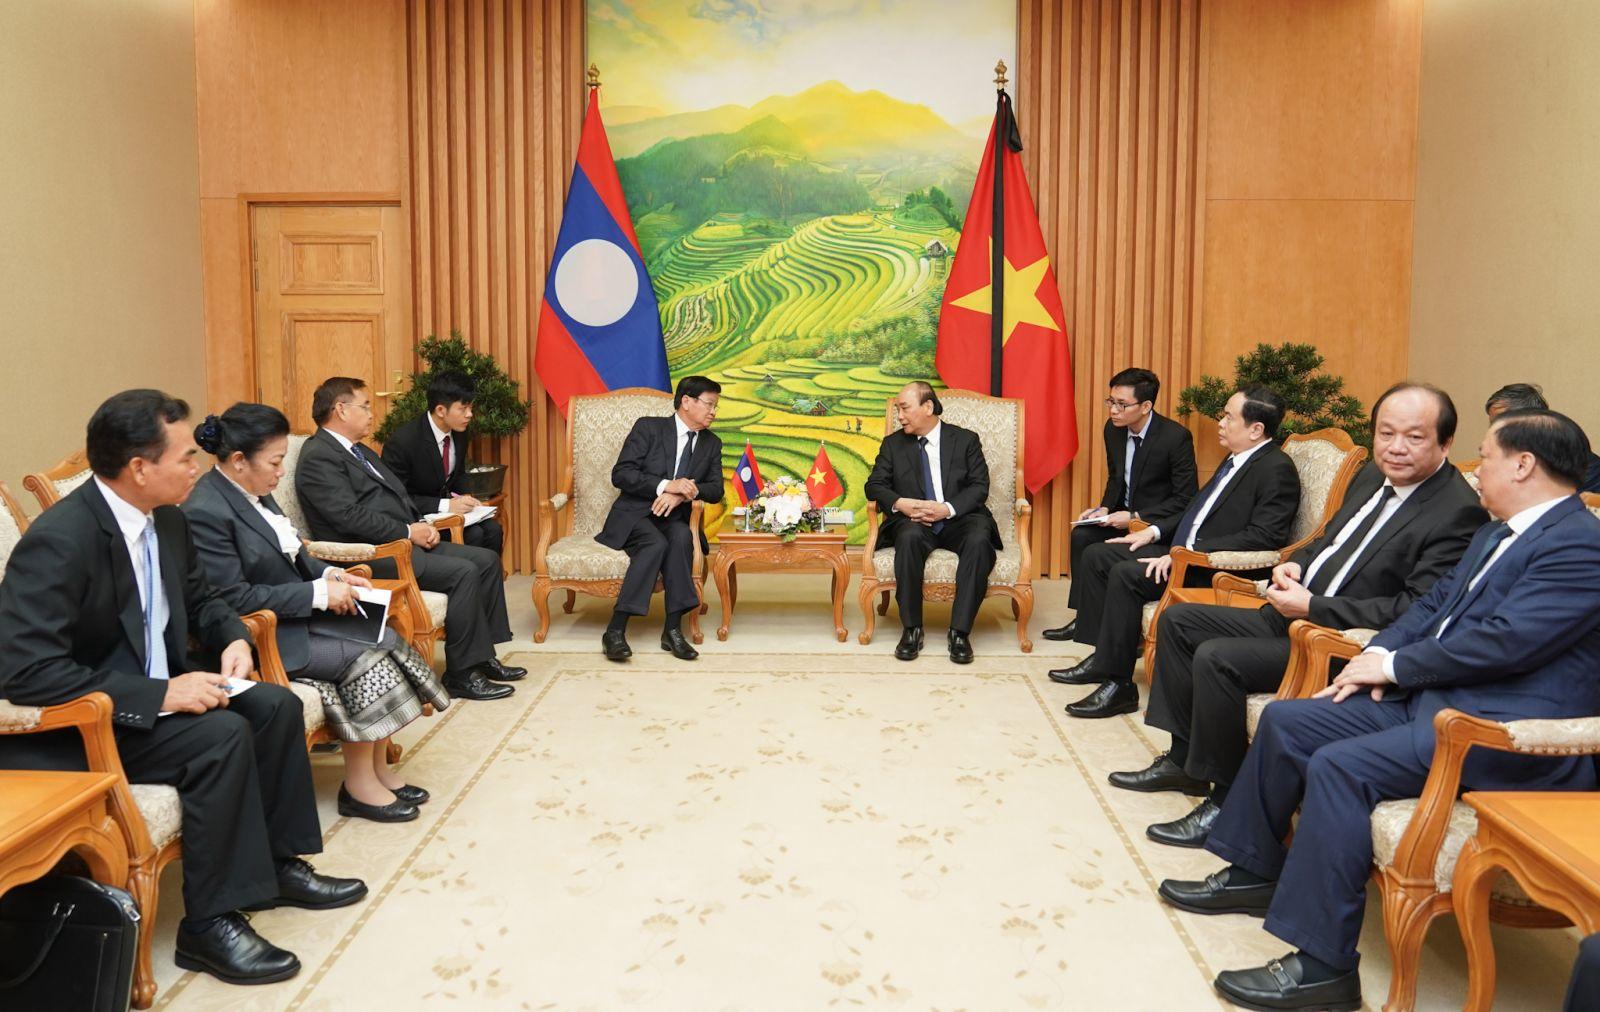 Thủ tướng Nguyễn Xuân Phúc tiếp Thủ tướng Lào Thongloun Sisoulith. Ảnh: VGP/Quang Hiếu